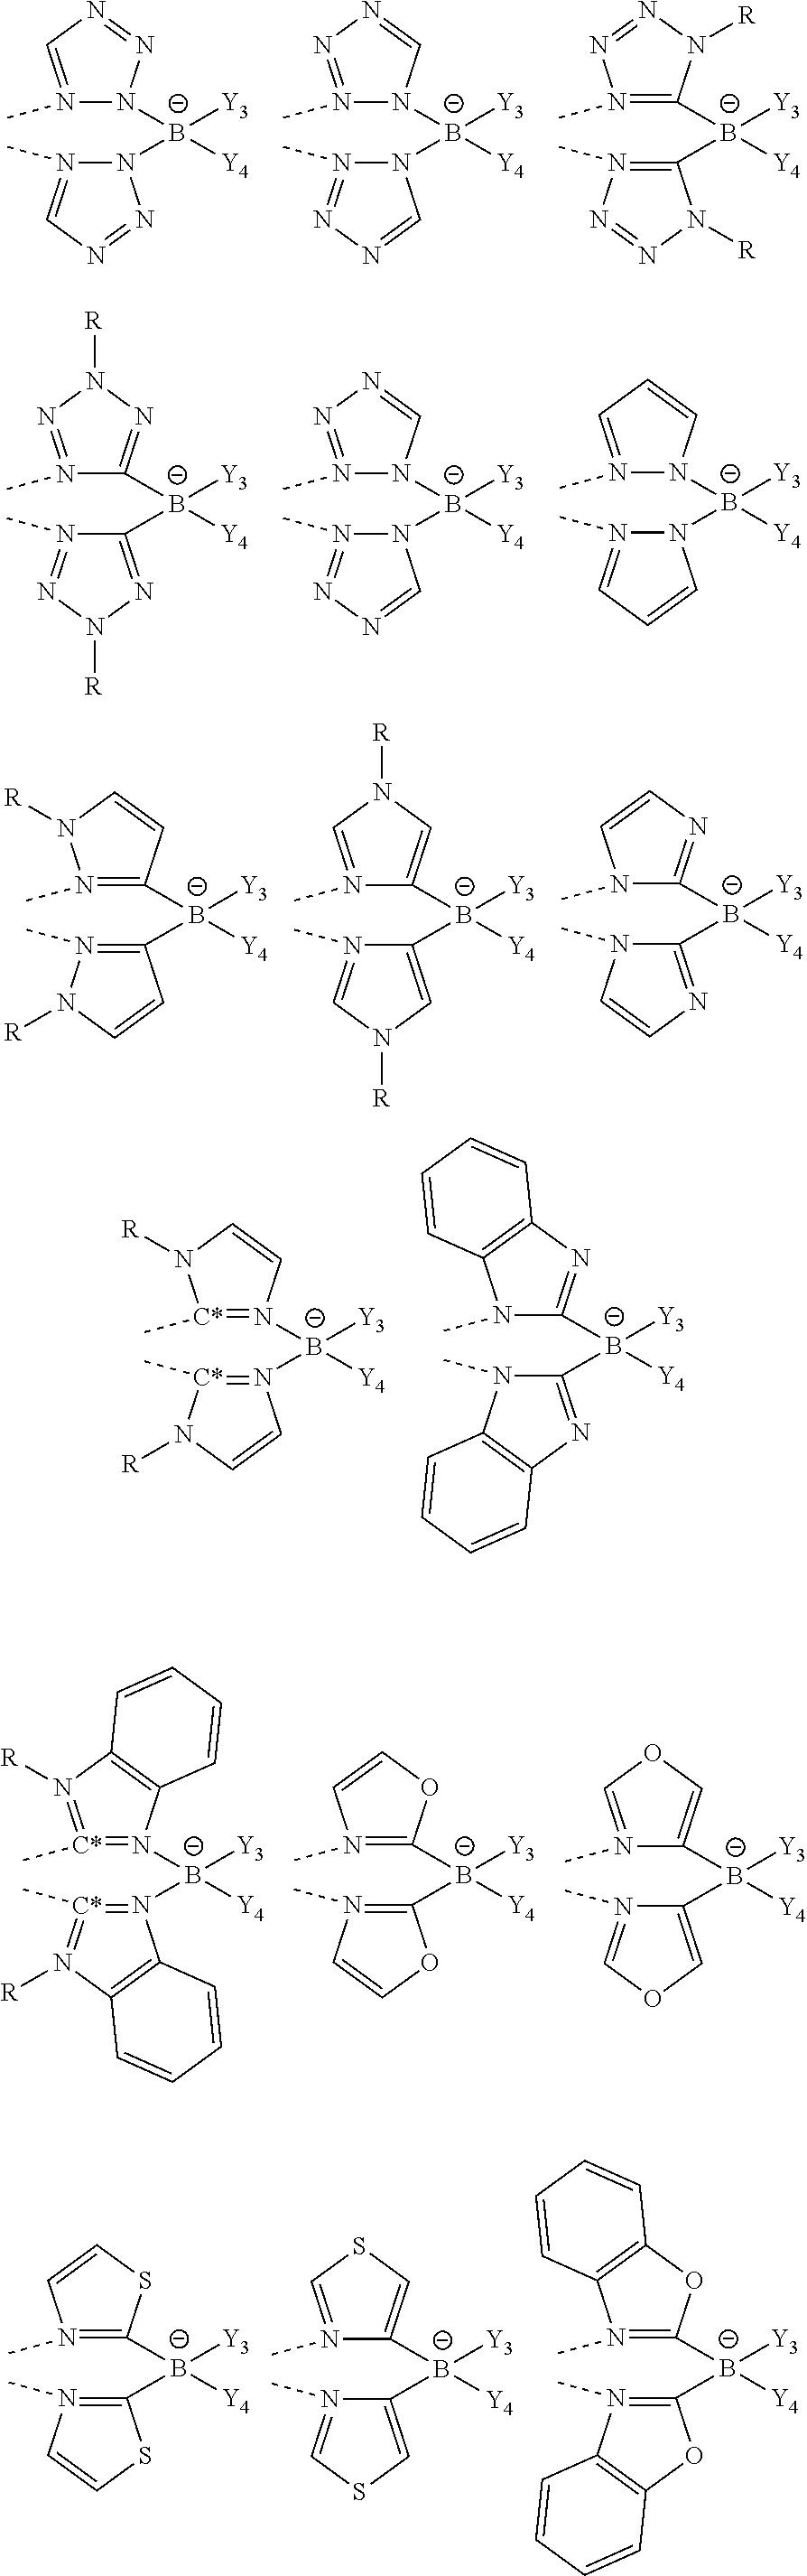 Figure US09773986-20170926-C00058